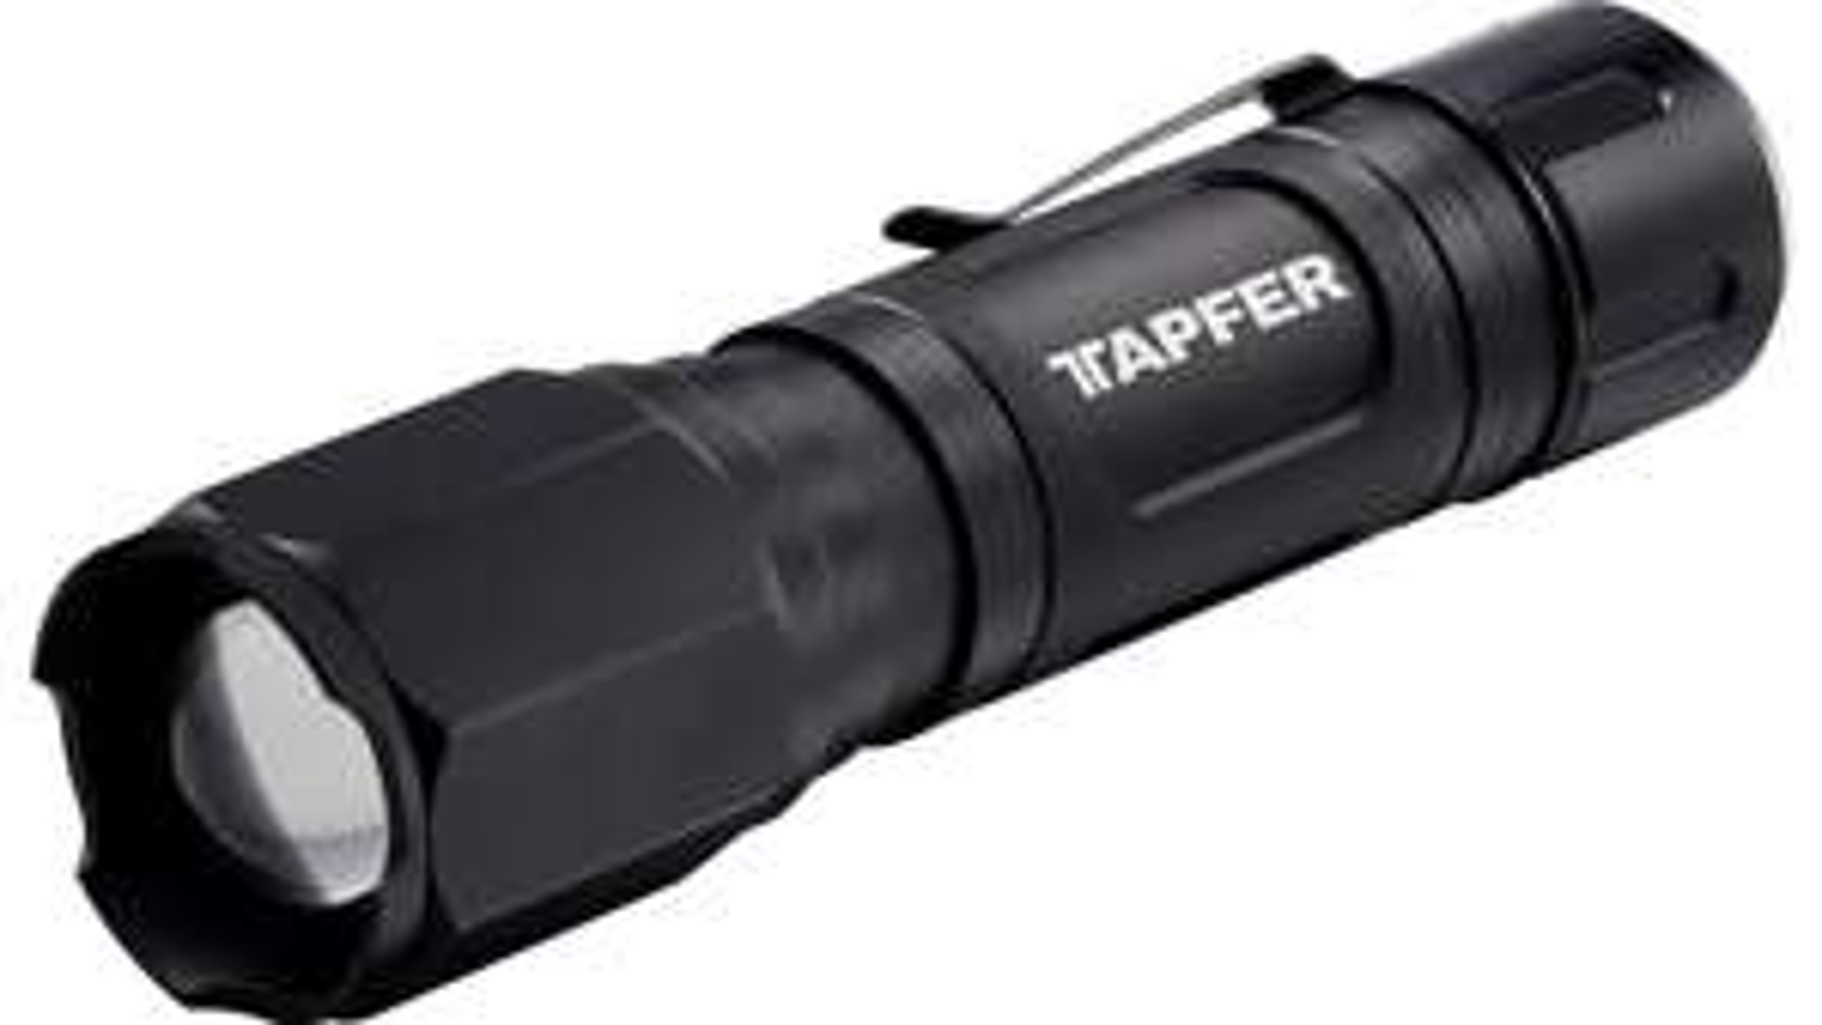 Tapfer 5004LTF Taschenlampe (245/1440 Lumen, bis 200m Leuchtweite, 3 Strahlungsarten, Betrieb per 6x AA, Alugehäuse, IP44)